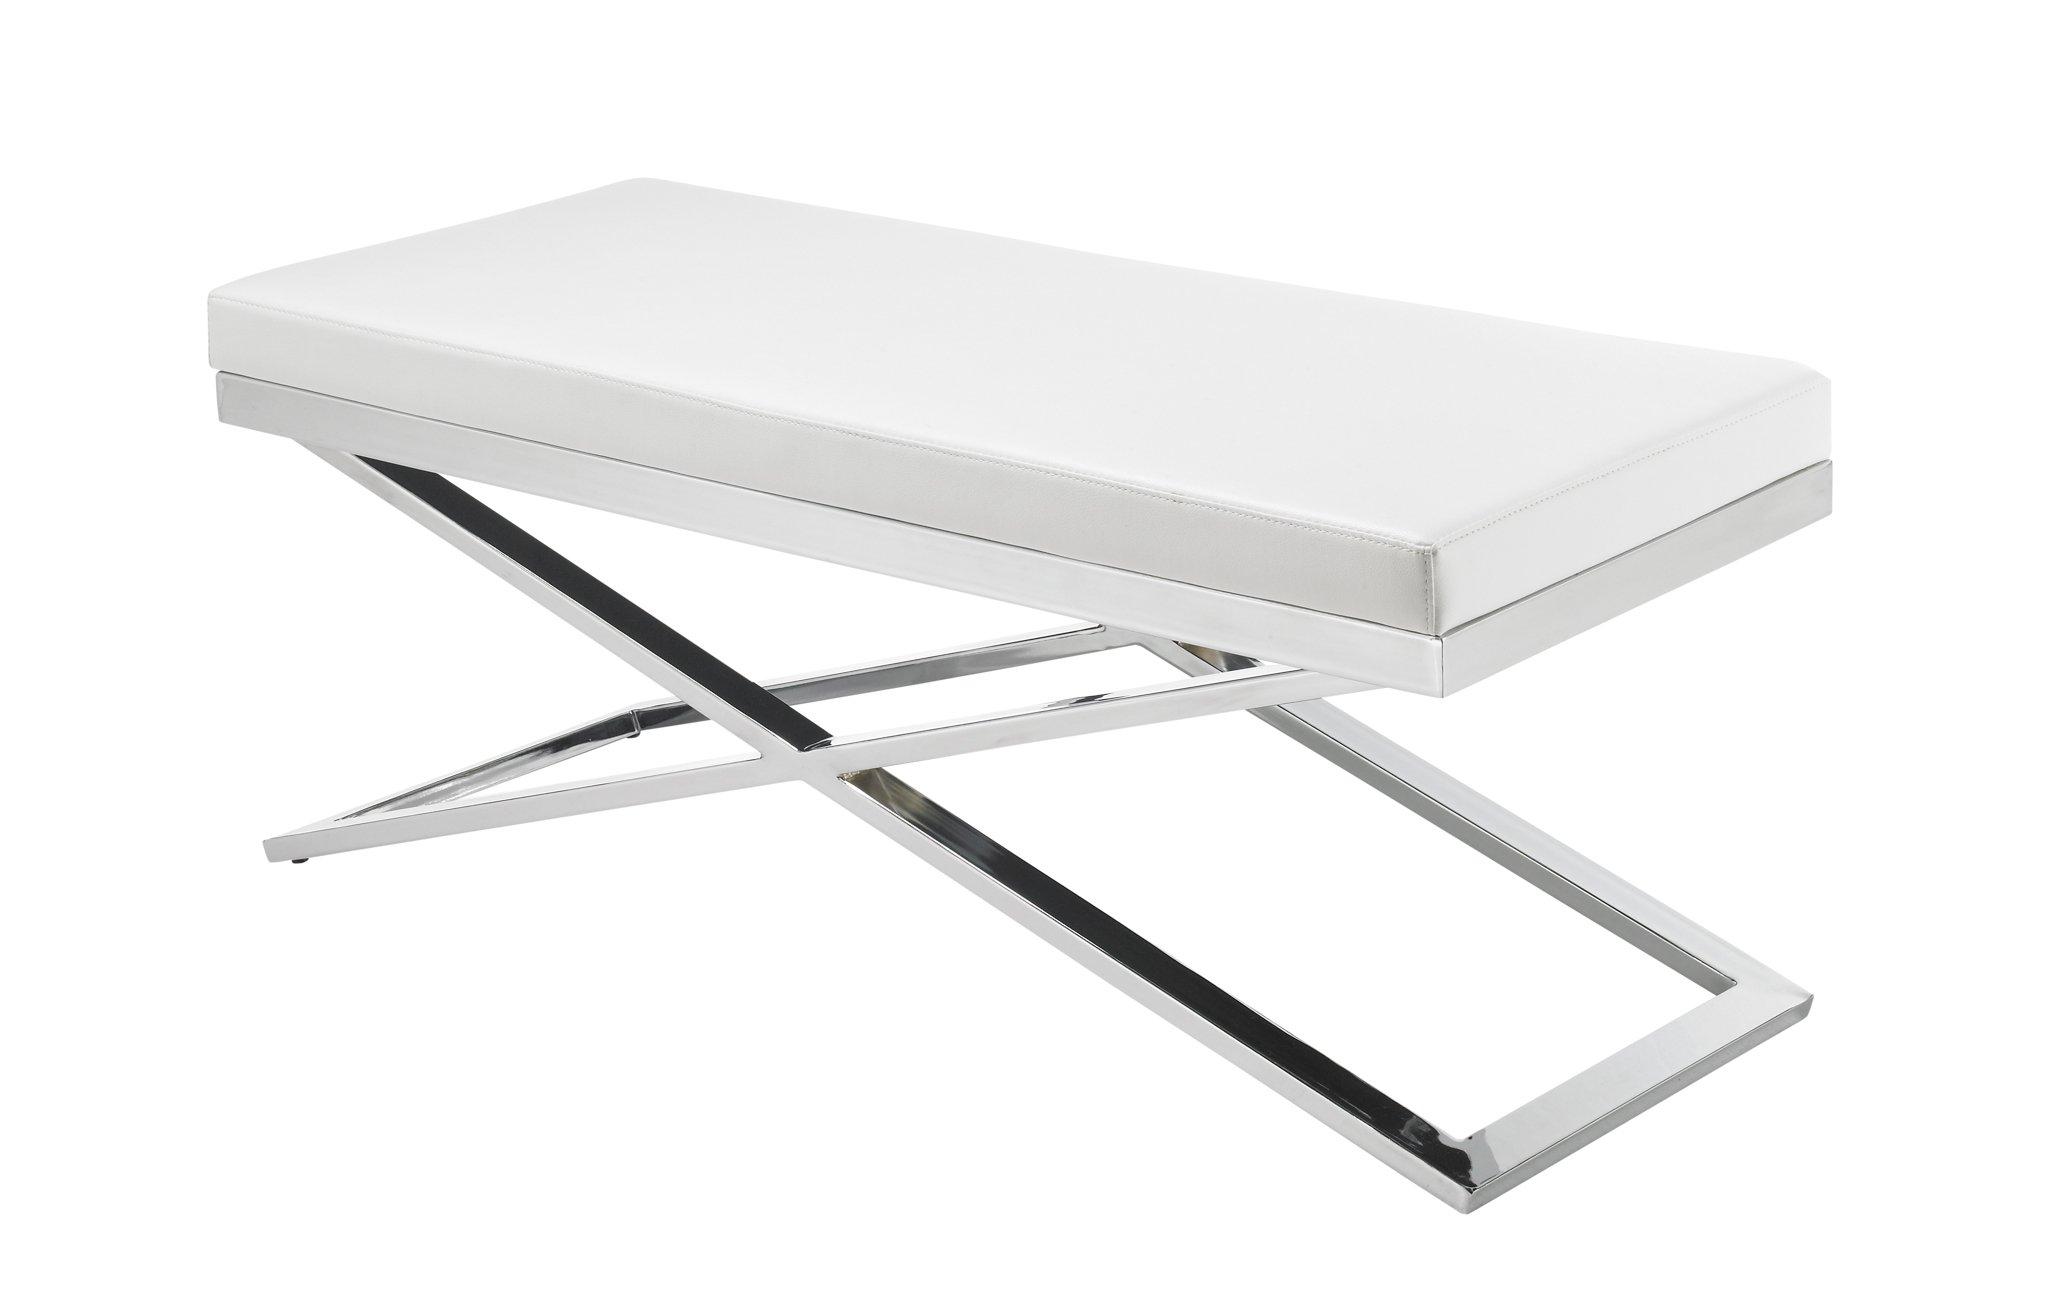 Sunpan Ikon Benches, White by Sunpan